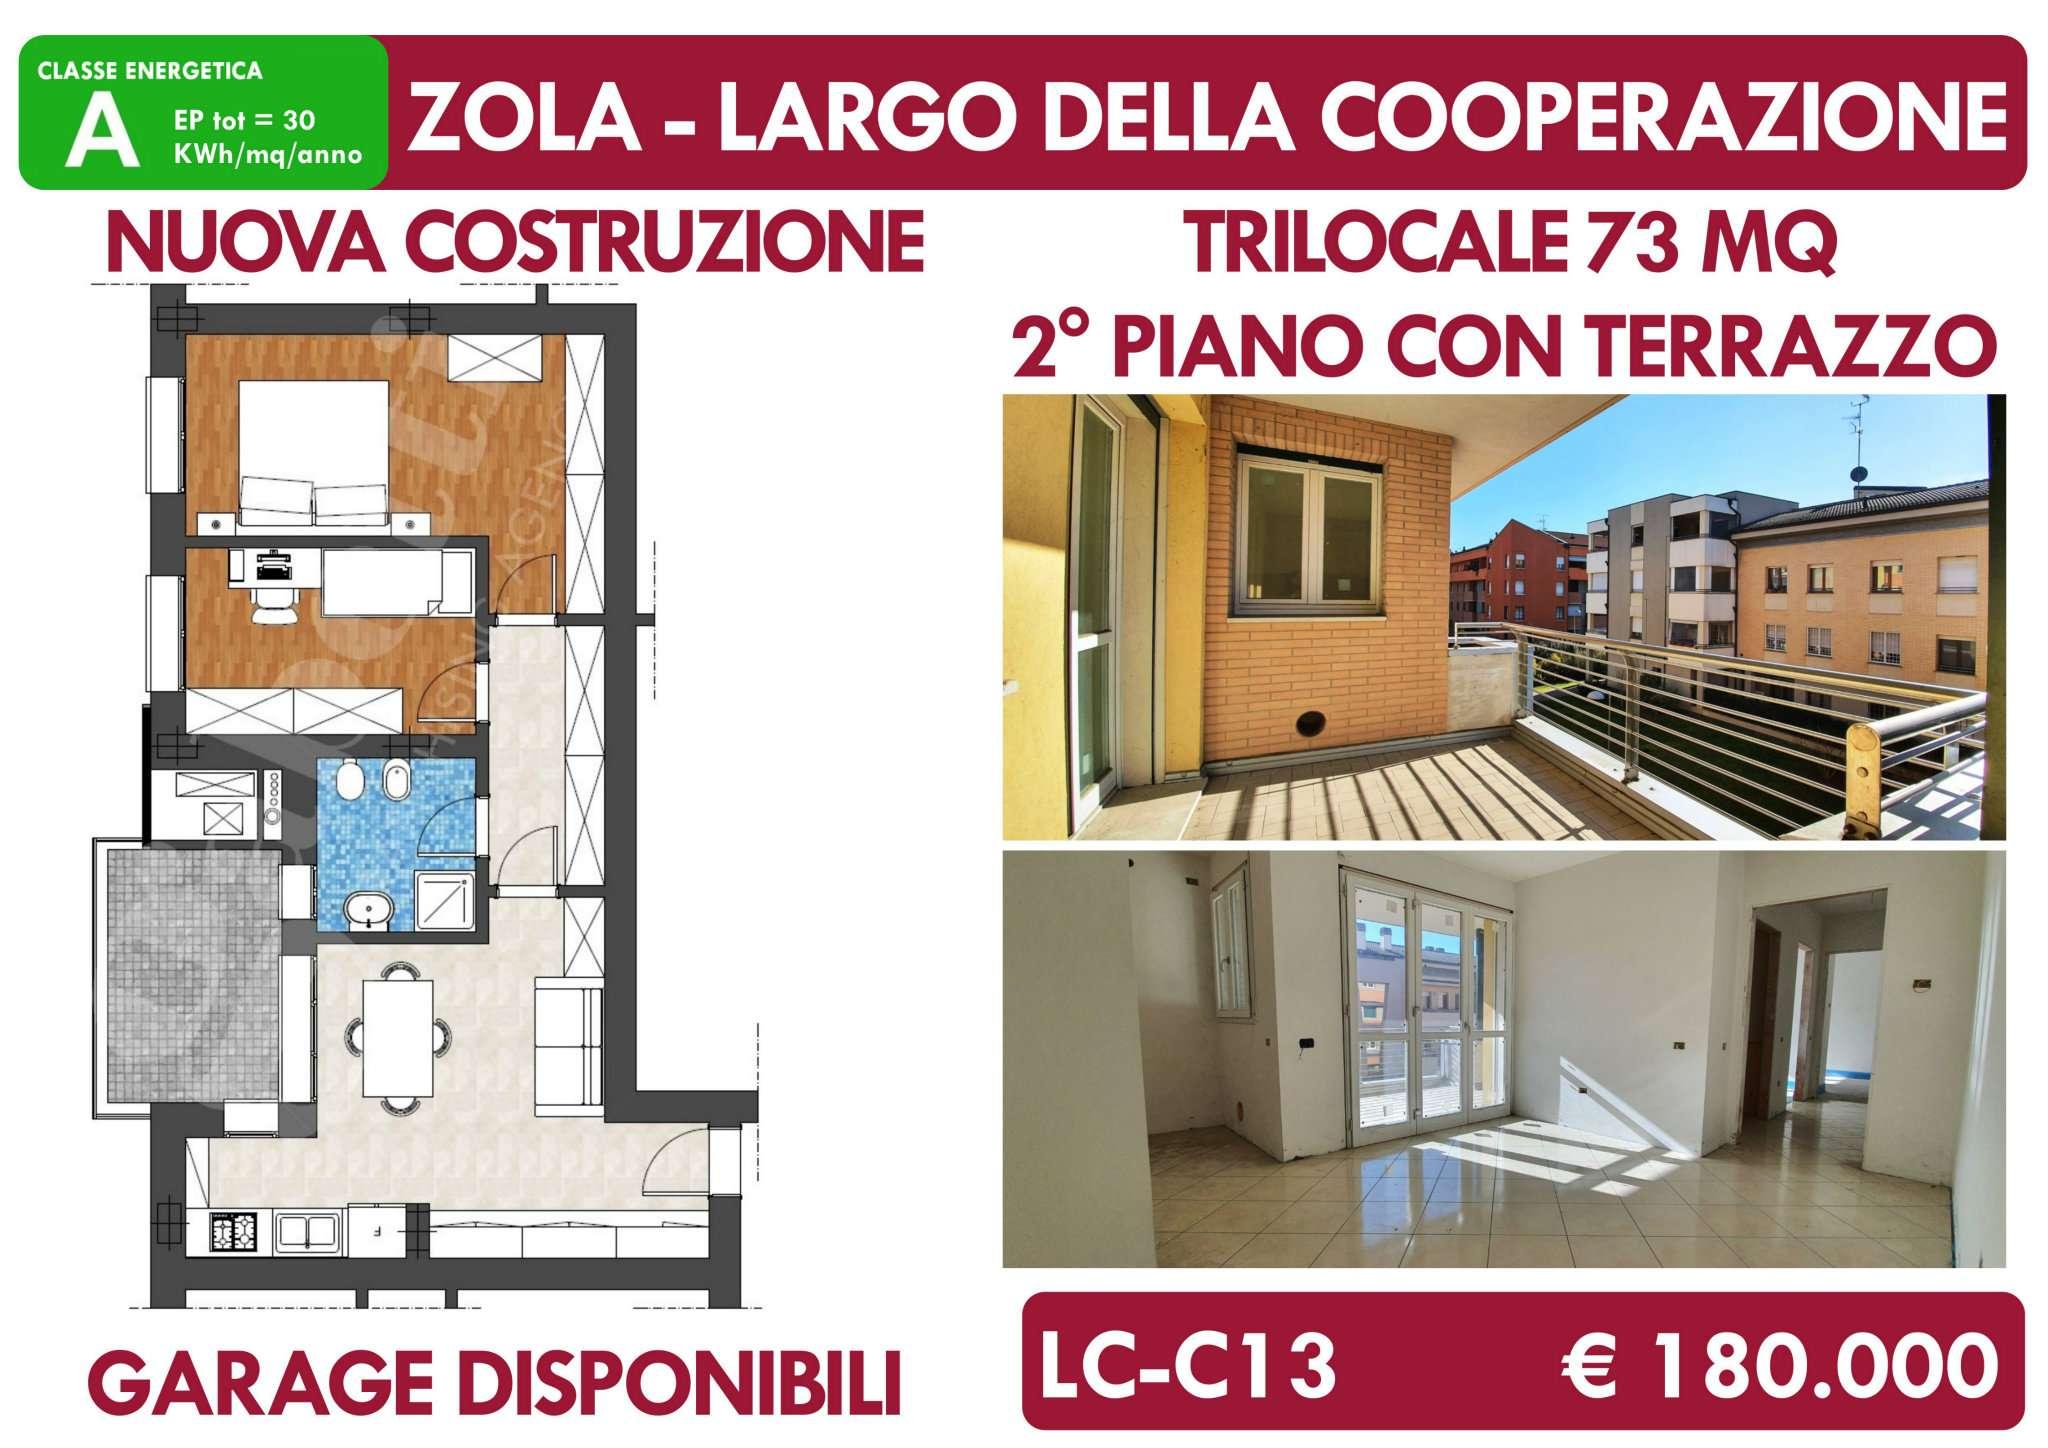 Appartamento in vendita a Zola Predosa, 3 locali, prezzo € 180.000 | PortaleAgenzieImmobiliari.it